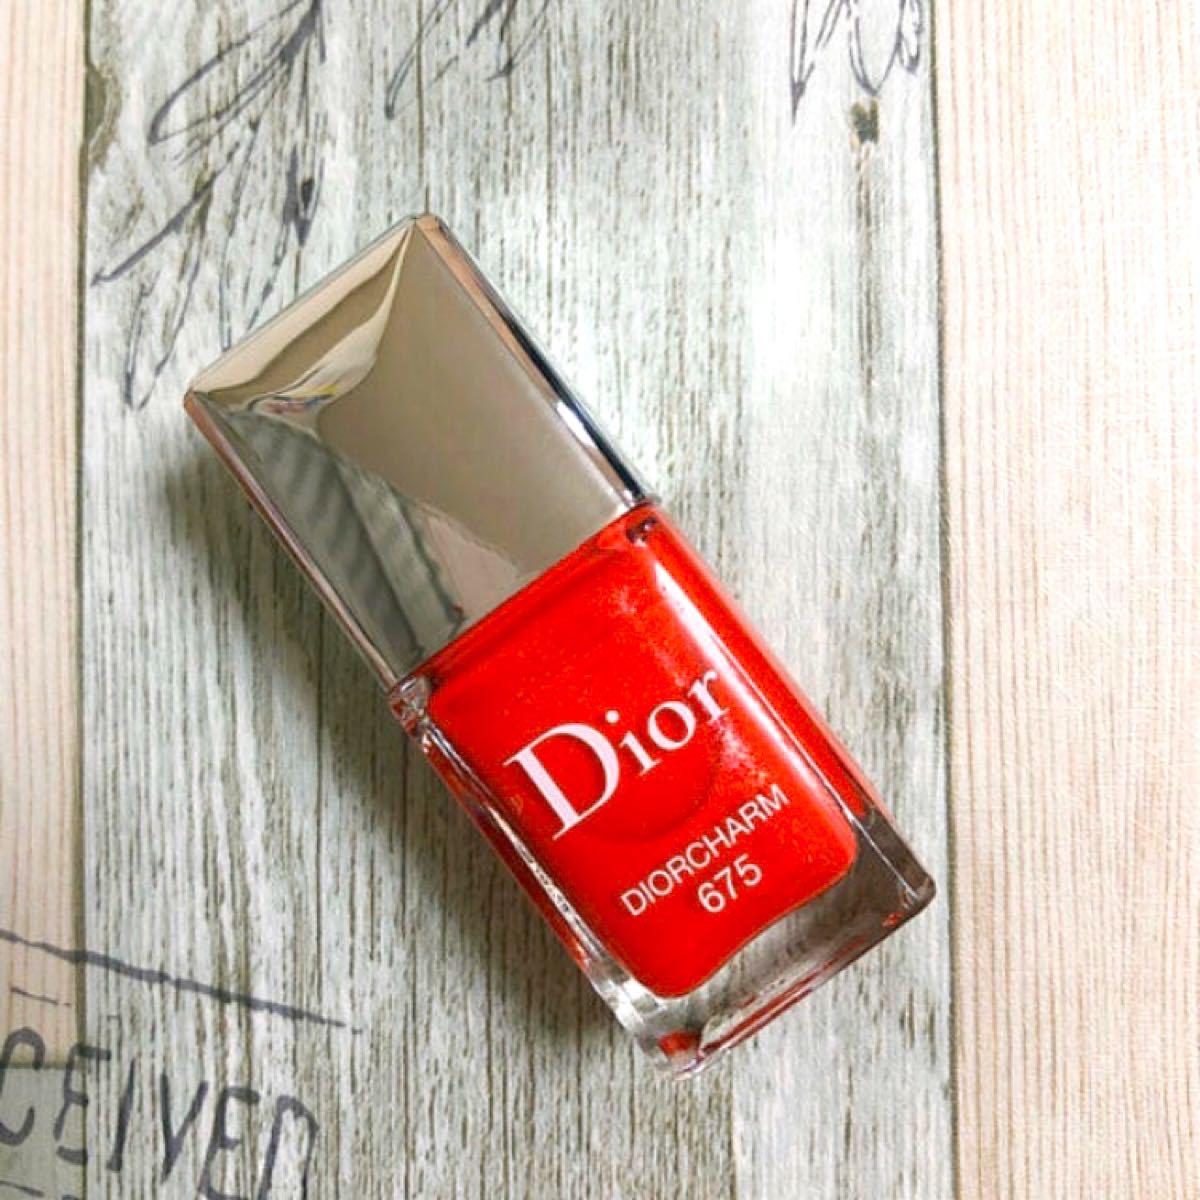 限定 ◆新品未使用◆ Dior ディオール ヴェルニ 675 コーラル ピンク オレンジ レッド ネイル マニキュア ラメ パール